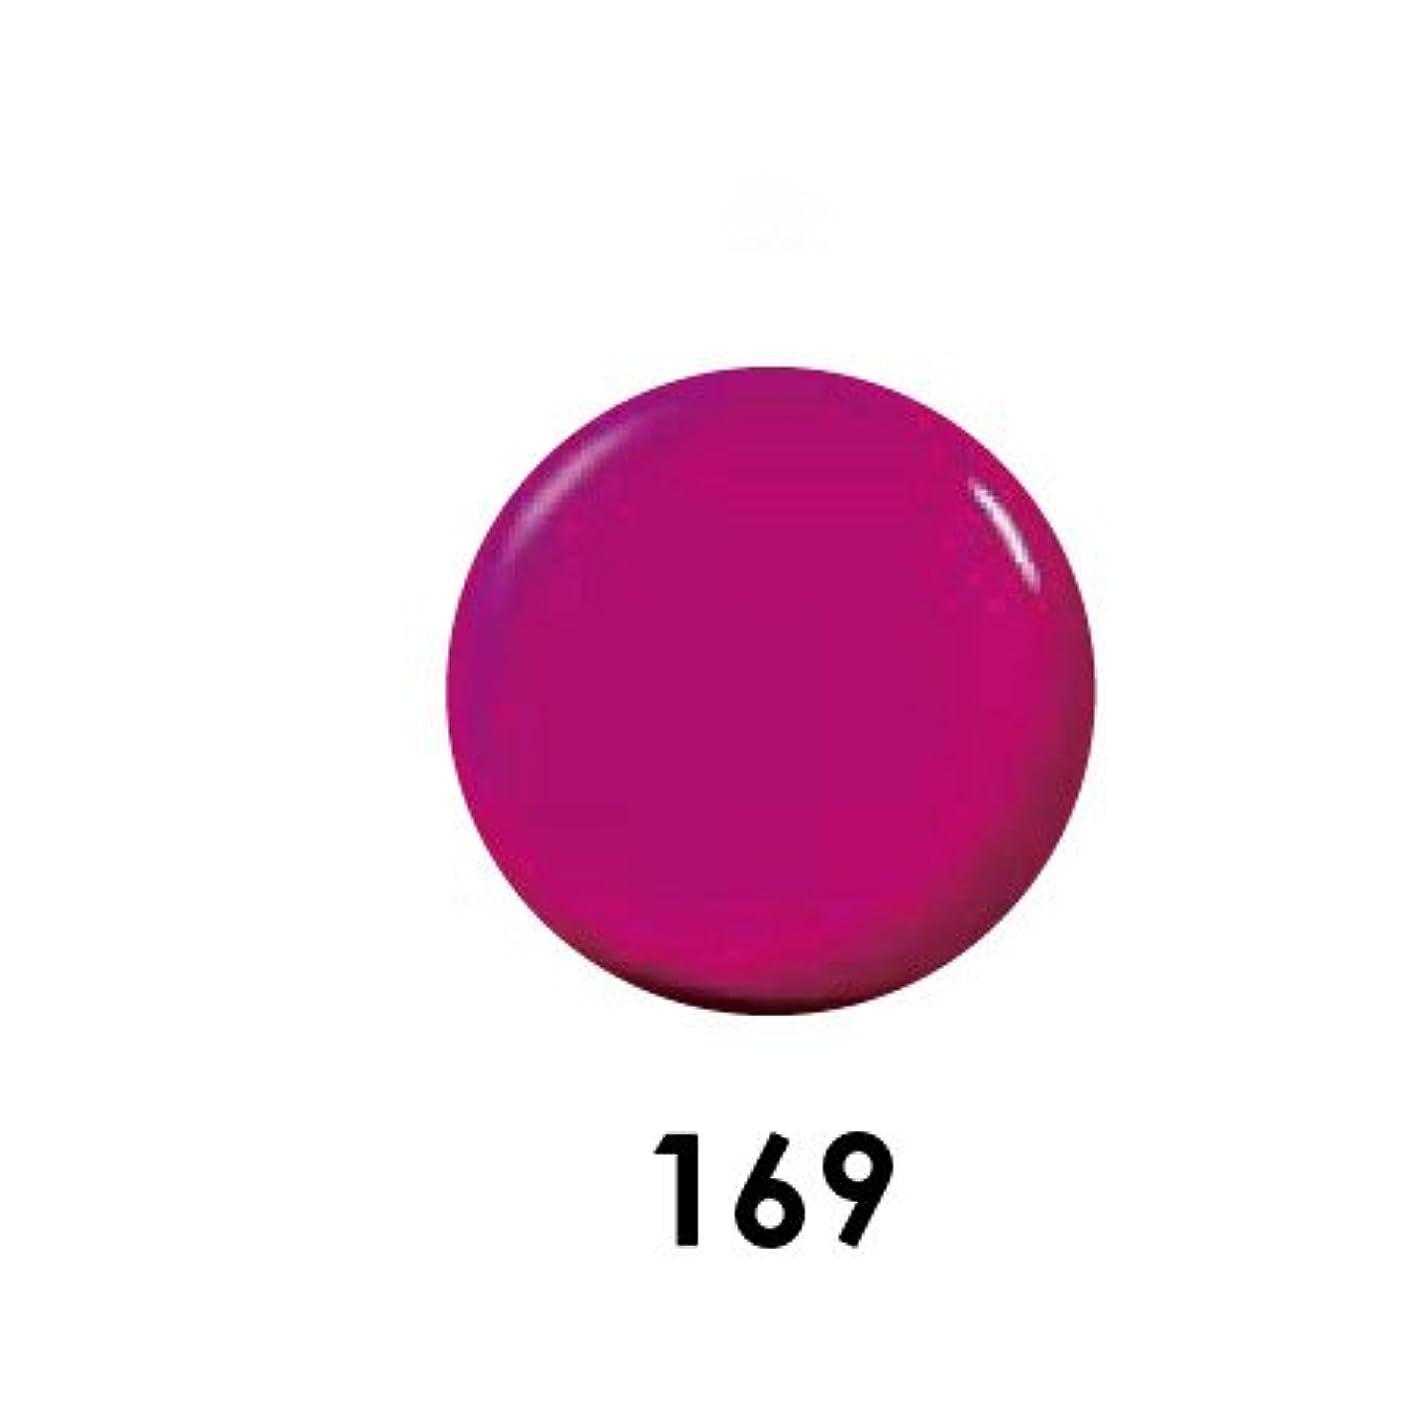 アフリカ人土曜日ミケランジェロPutiel プティール カラージェル 169 ラテンピンク 2g (MARIEプロデュース)